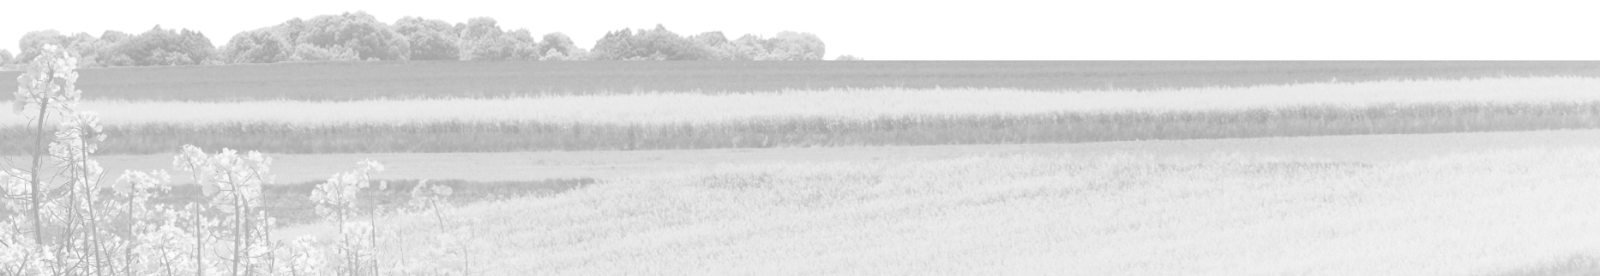 Oferta Lubelskiego Ośrodka Doradztwa Rolniczego